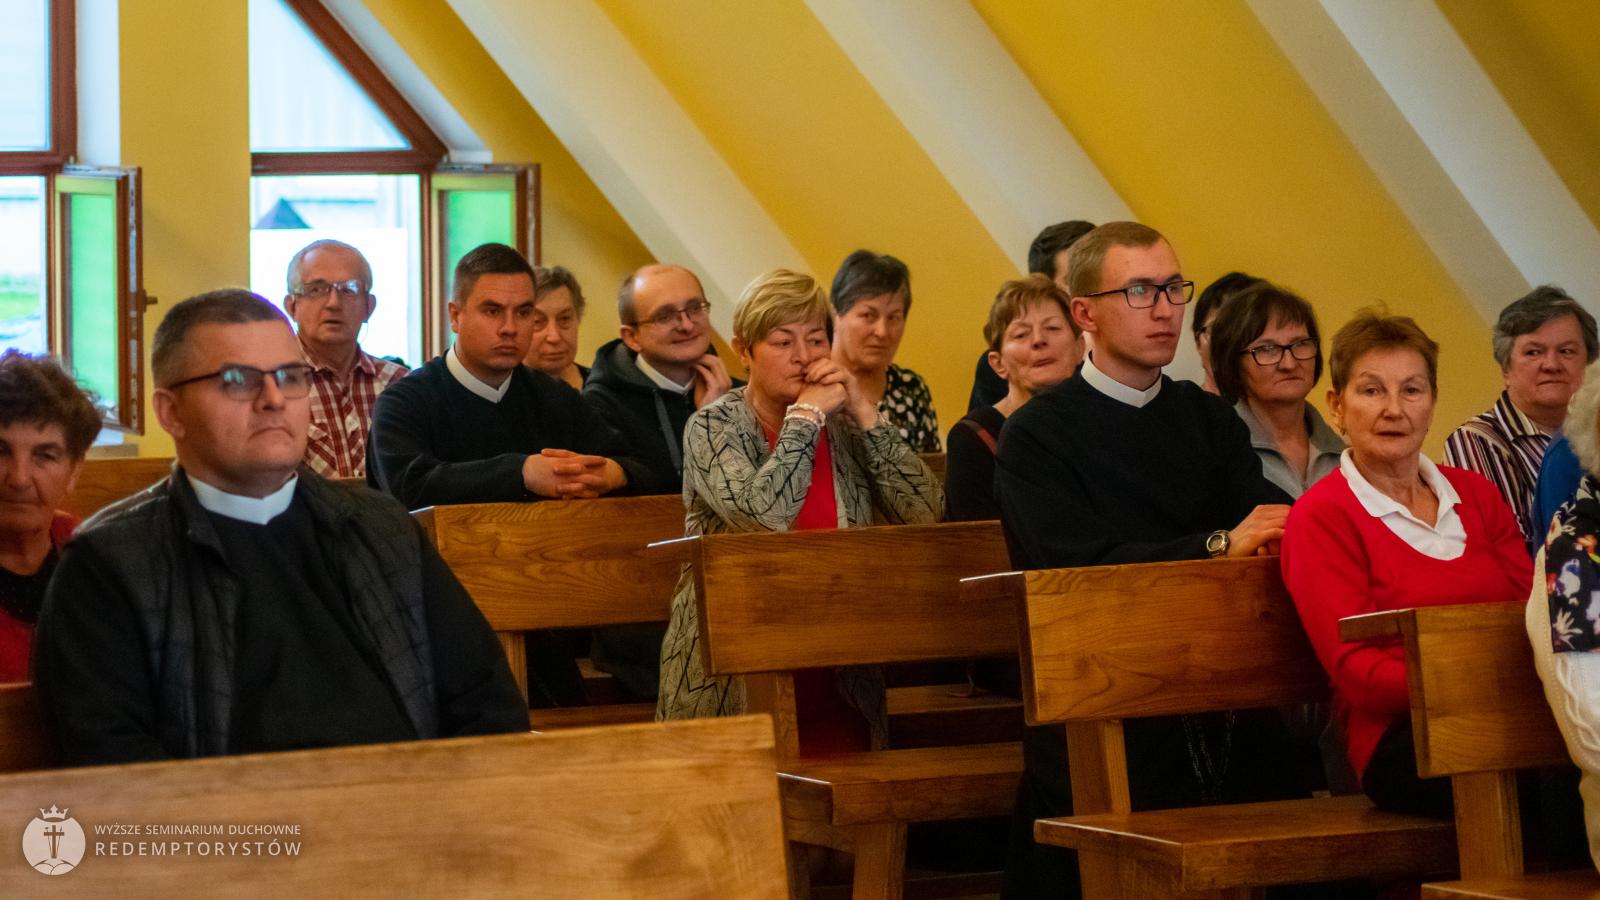 Nasza wielka, redemptorystowska rodzina